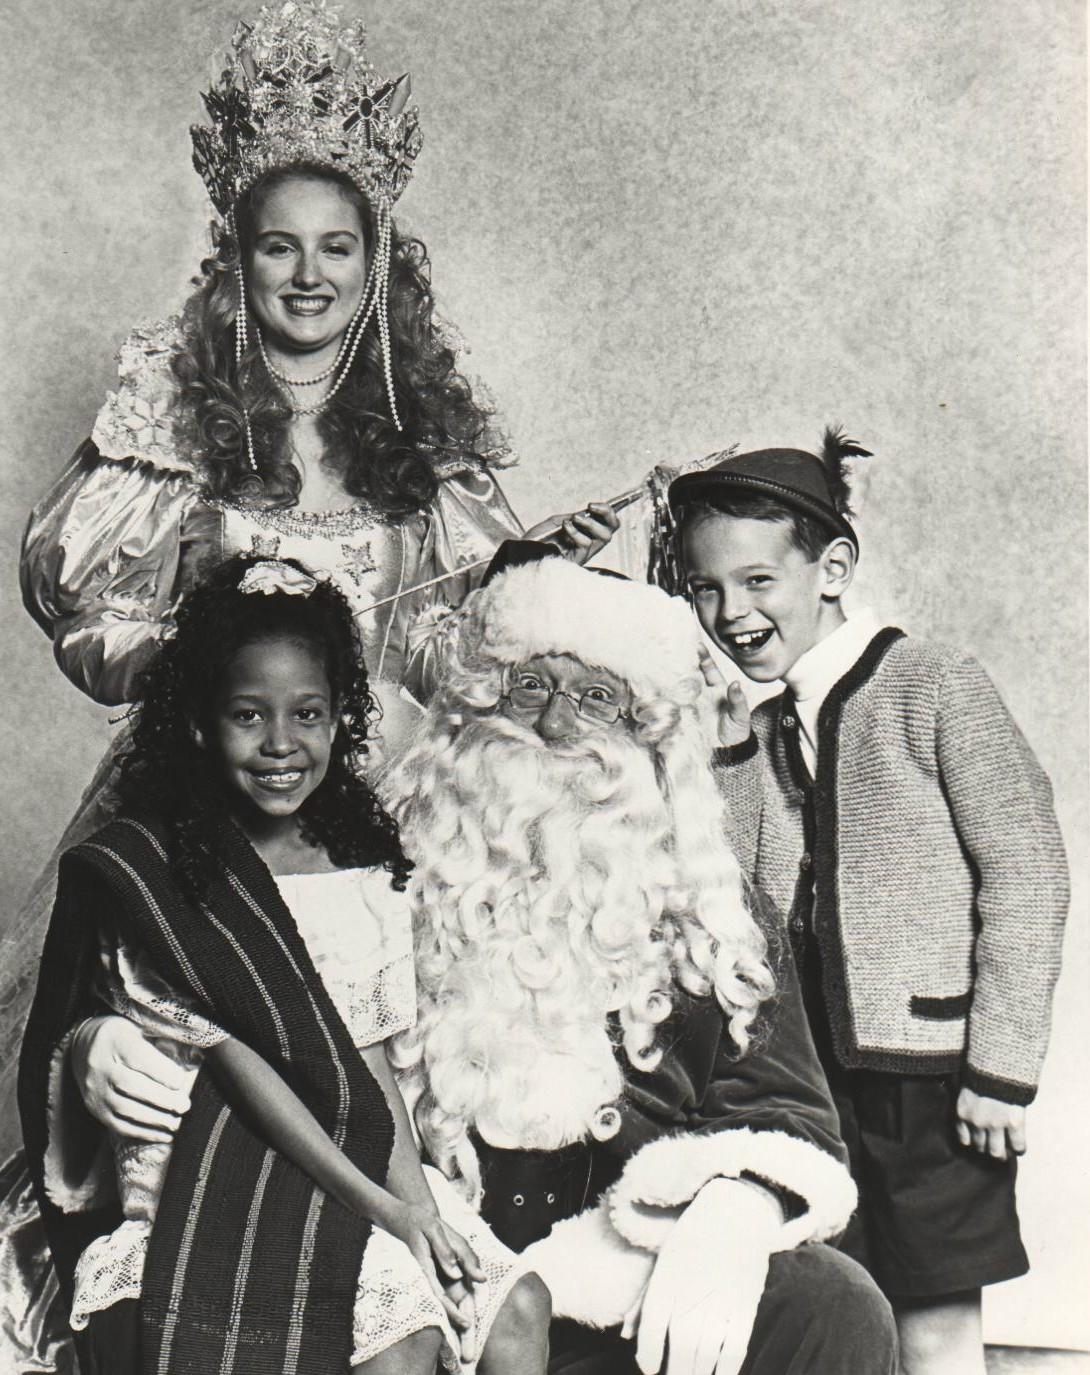 1994 Christmas Around the World with the Snow Princess